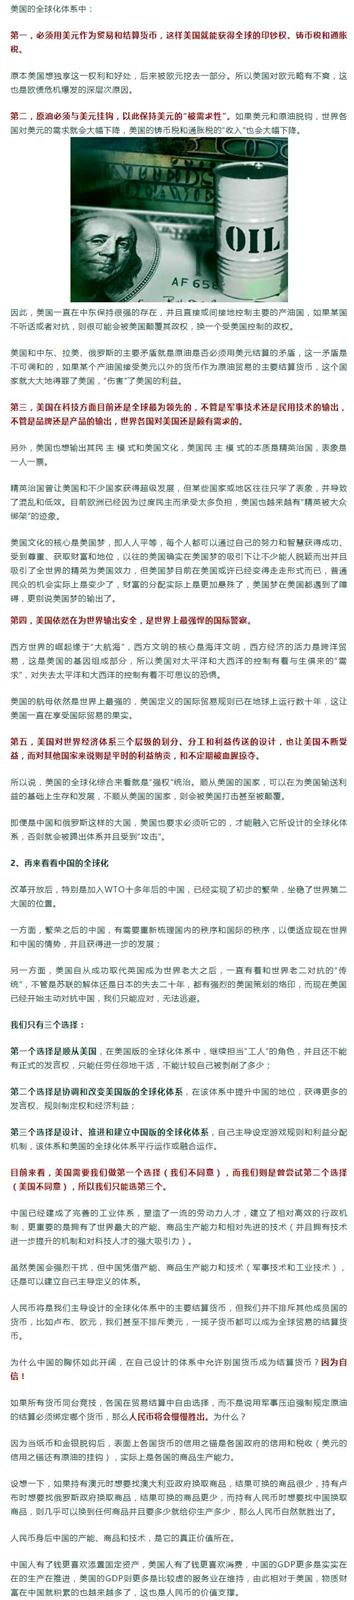 【转帖】深度好文,,, 2